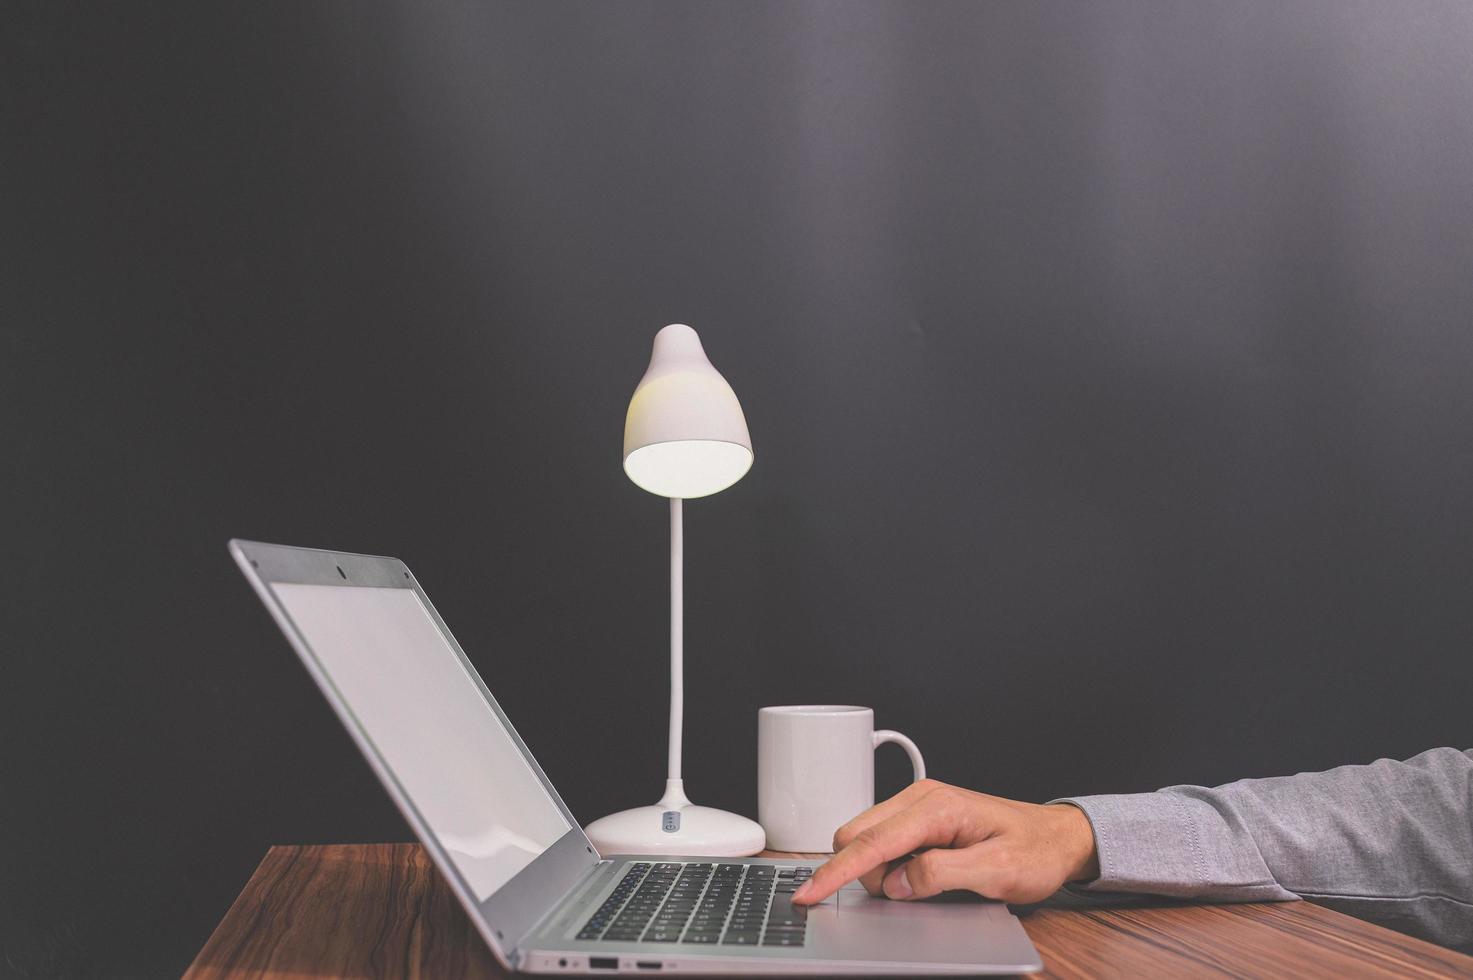 empresario usando una computadora portátil foto